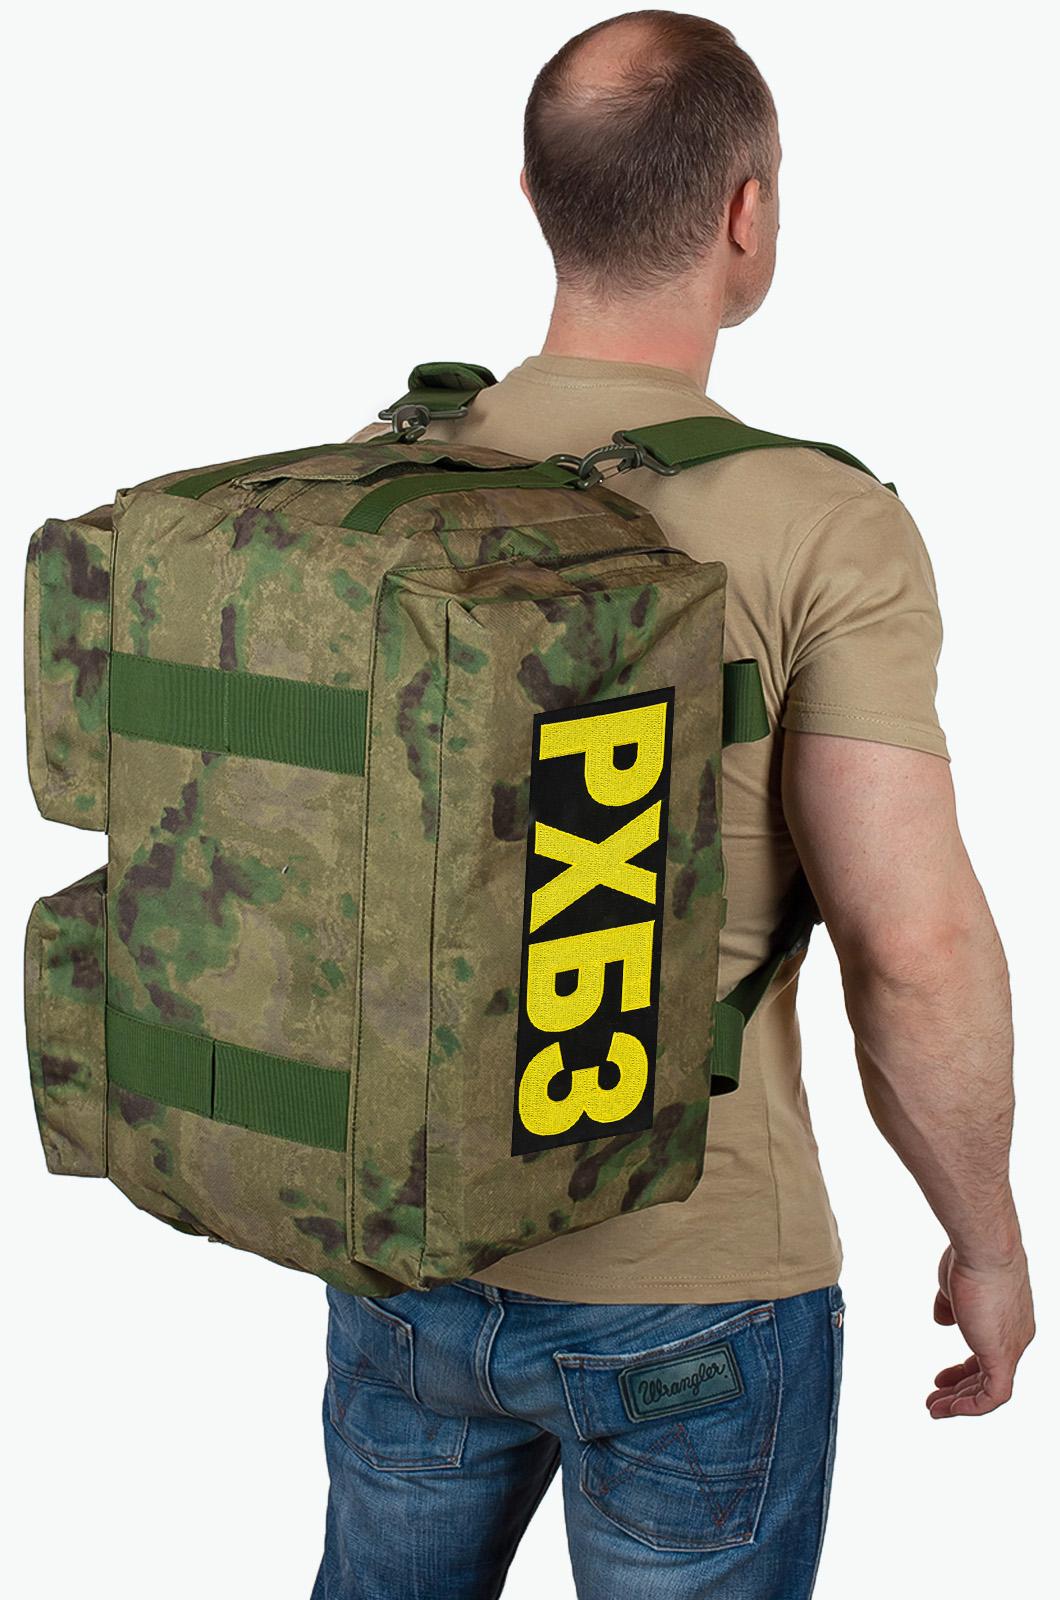 Купить походную камуфляжную сумку РЗБЗ оптом или в розницу